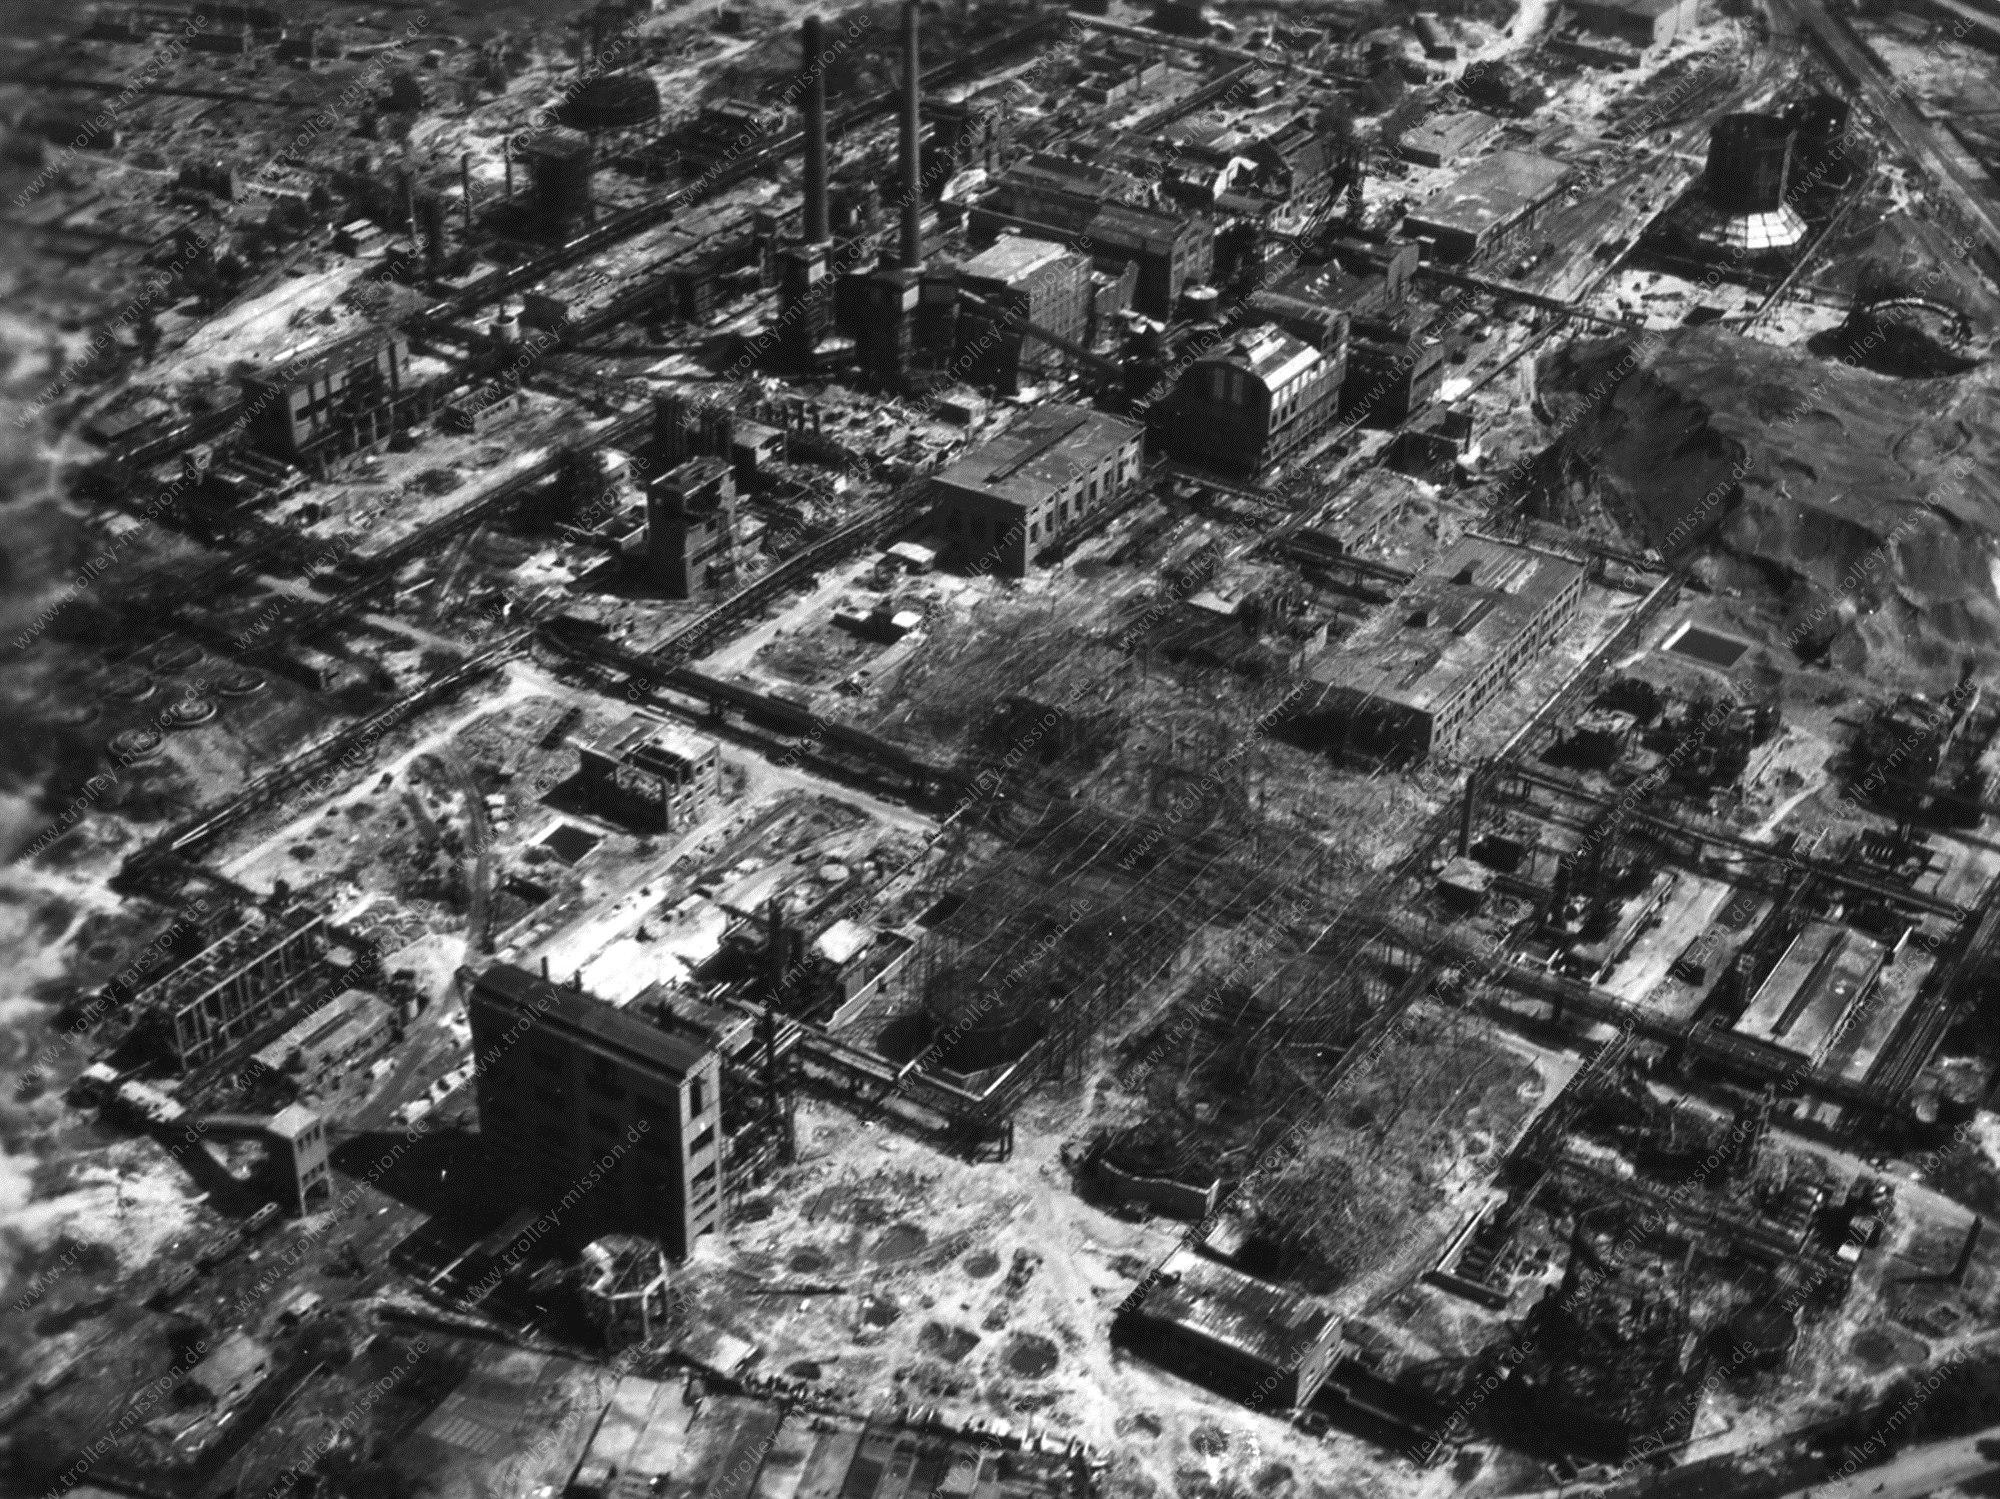 Unbekanntes Luftbild Mai 1945 mit Industrieanlagen